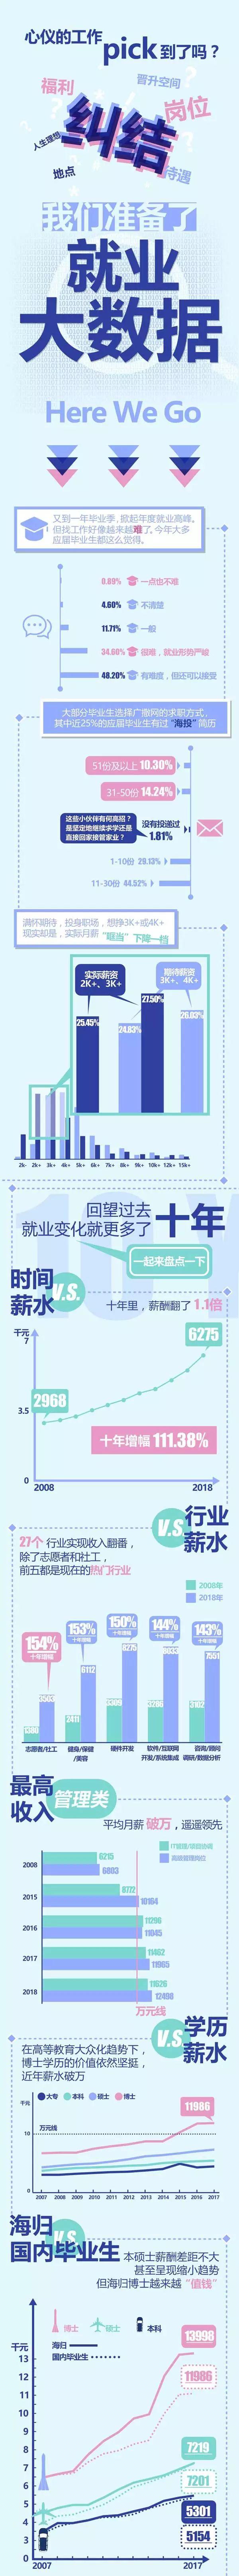 看中国大数据产业:就业背后的变化